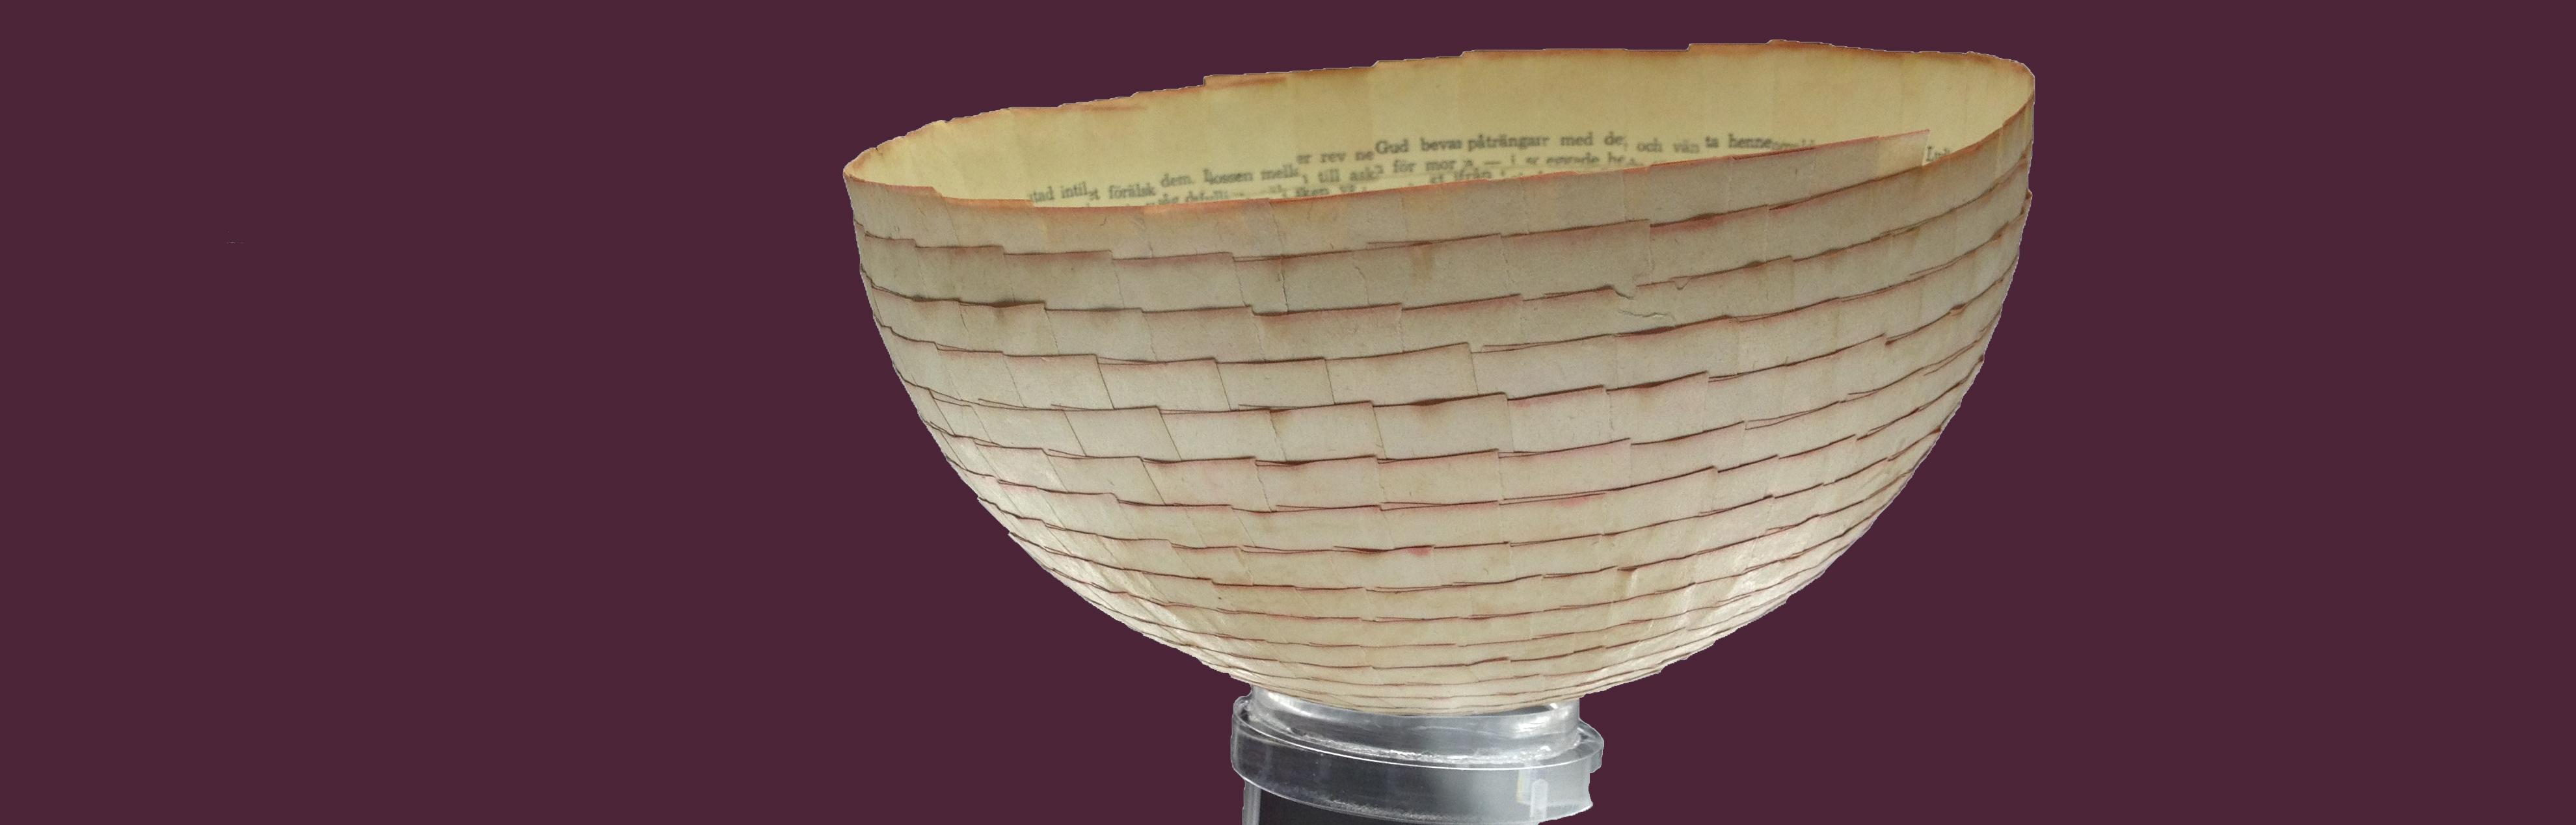 levy cecilia bowl